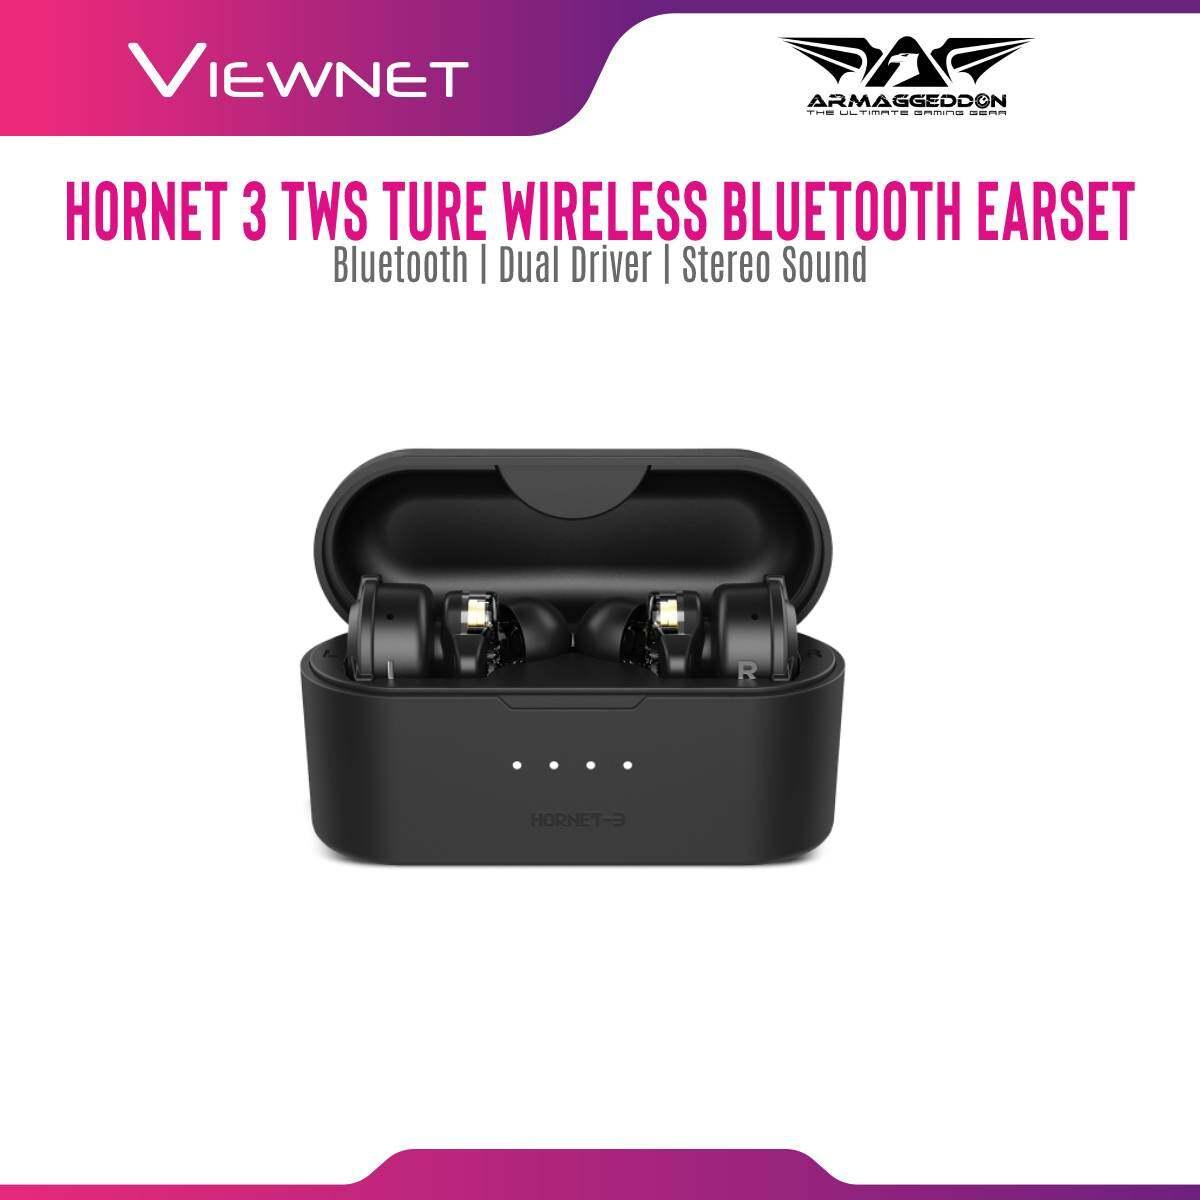 Armaggeddon Hornet 1 Tws / Hornet 3 Tws Ture Wireless Earset